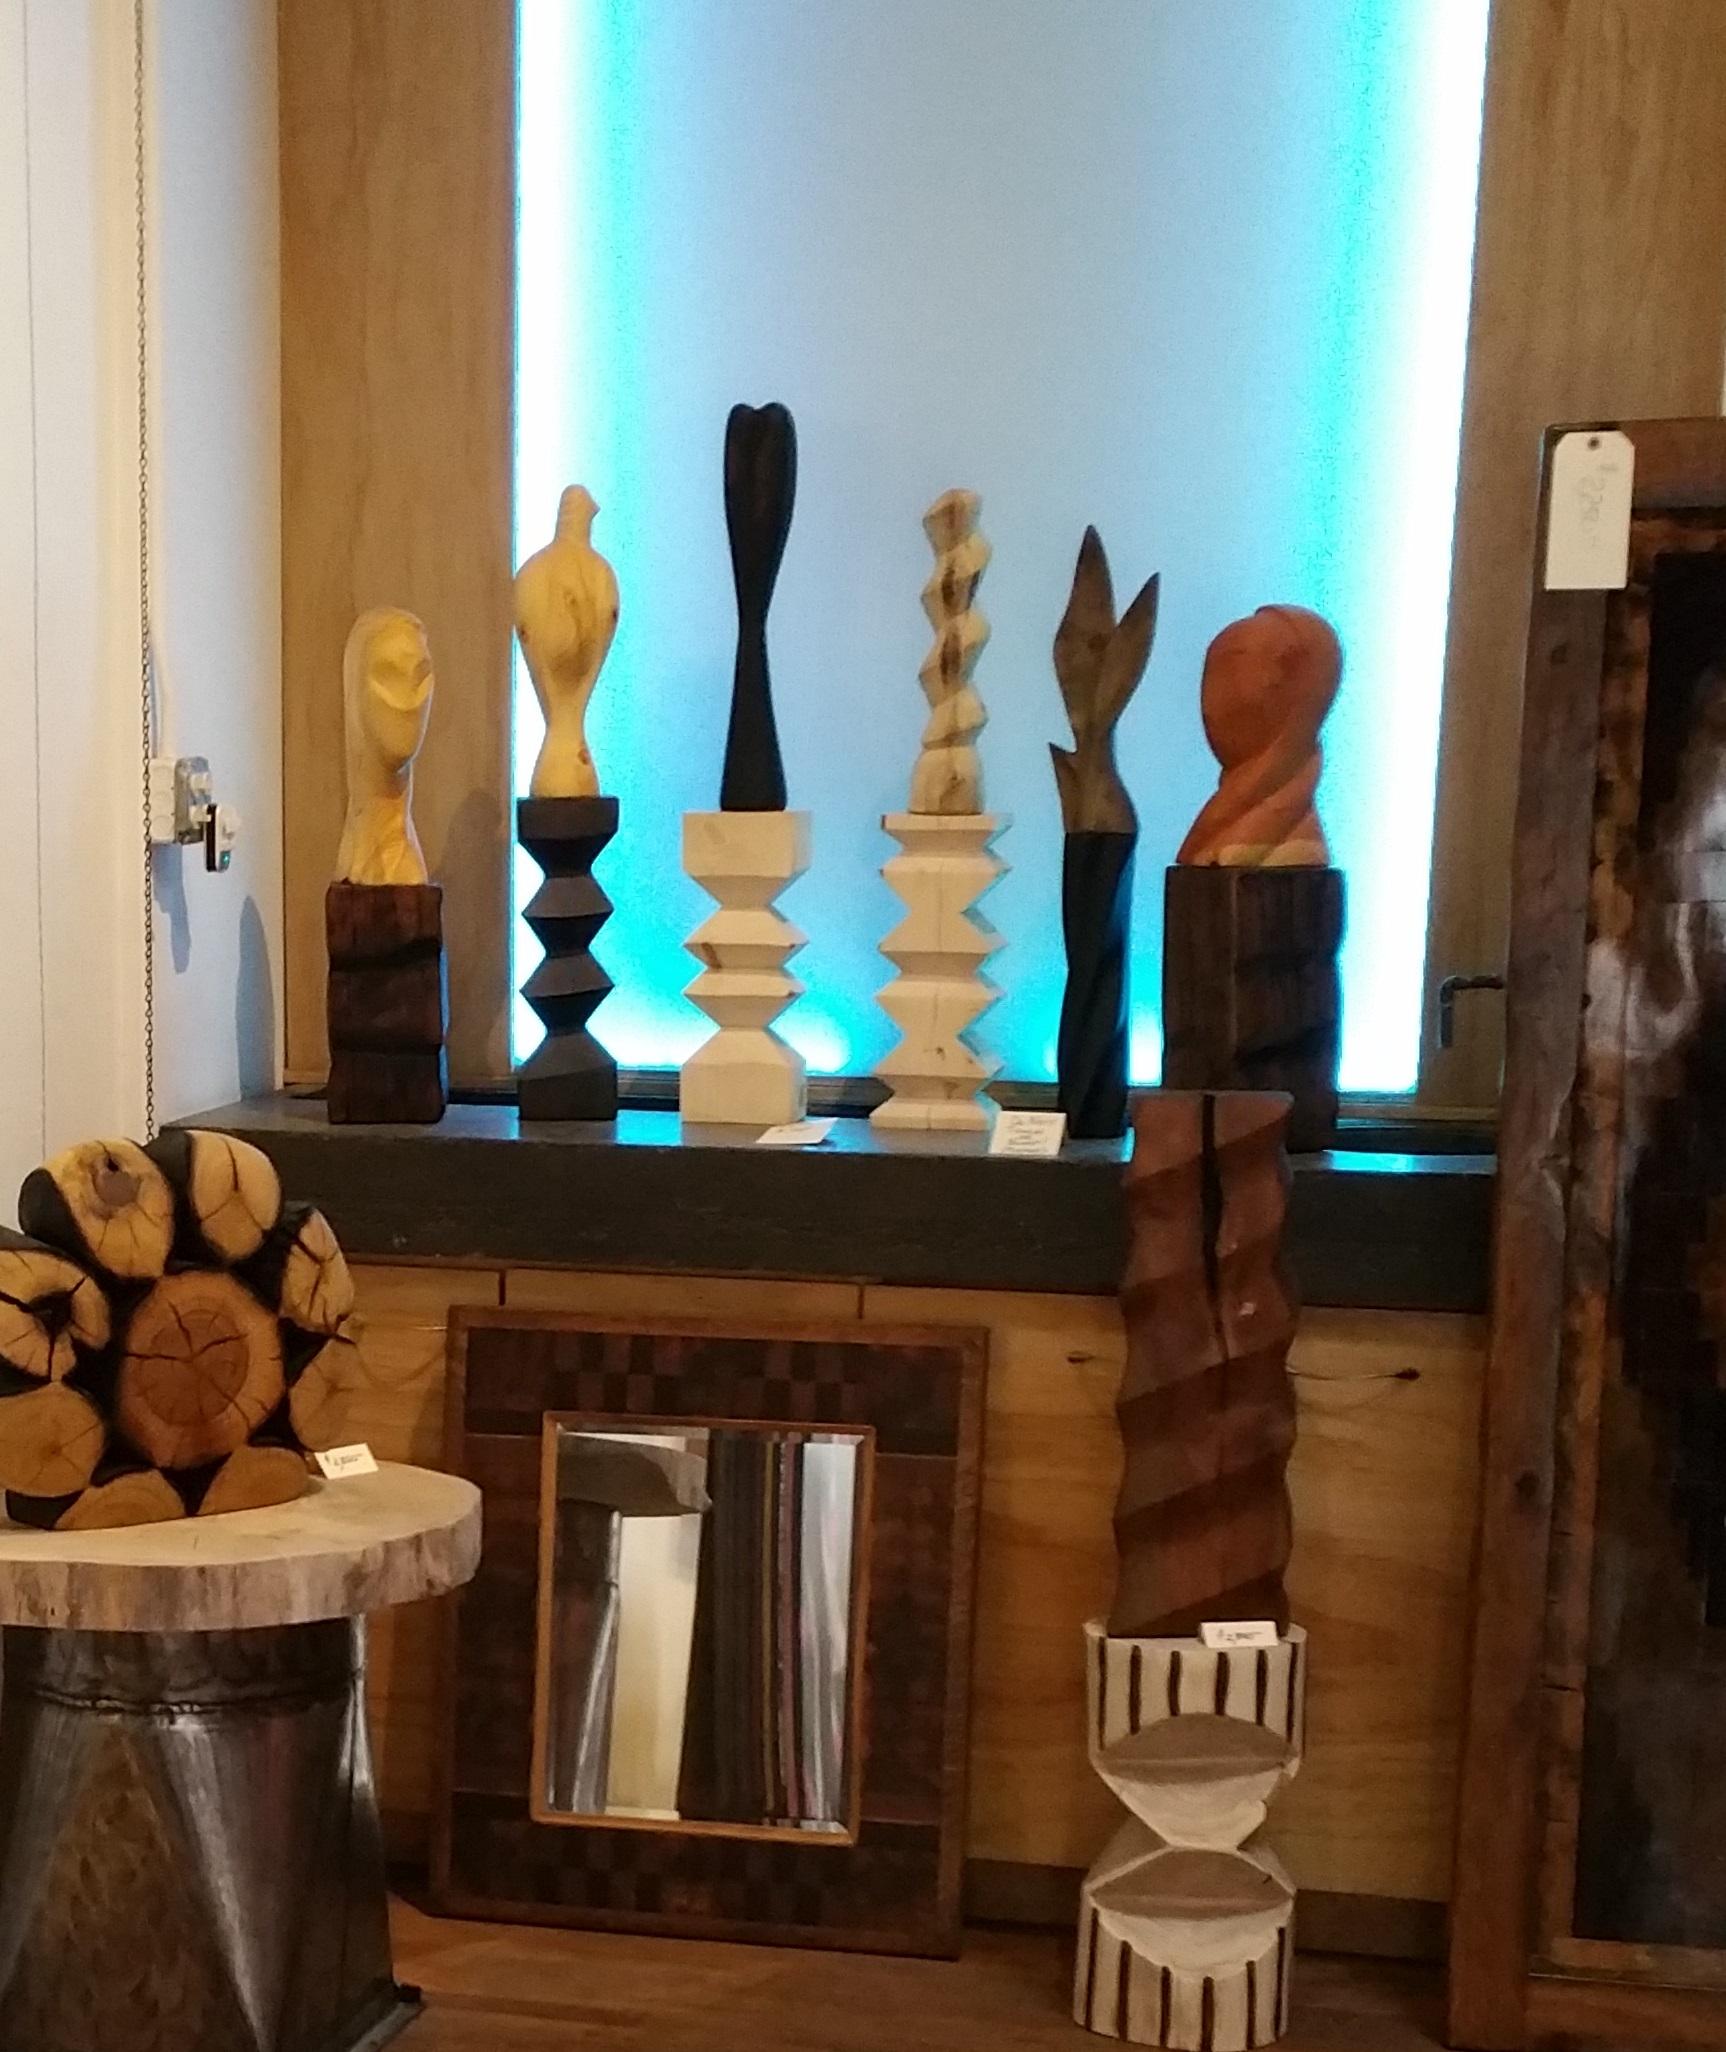 BCT Sculpture - Brancusi Inspirations